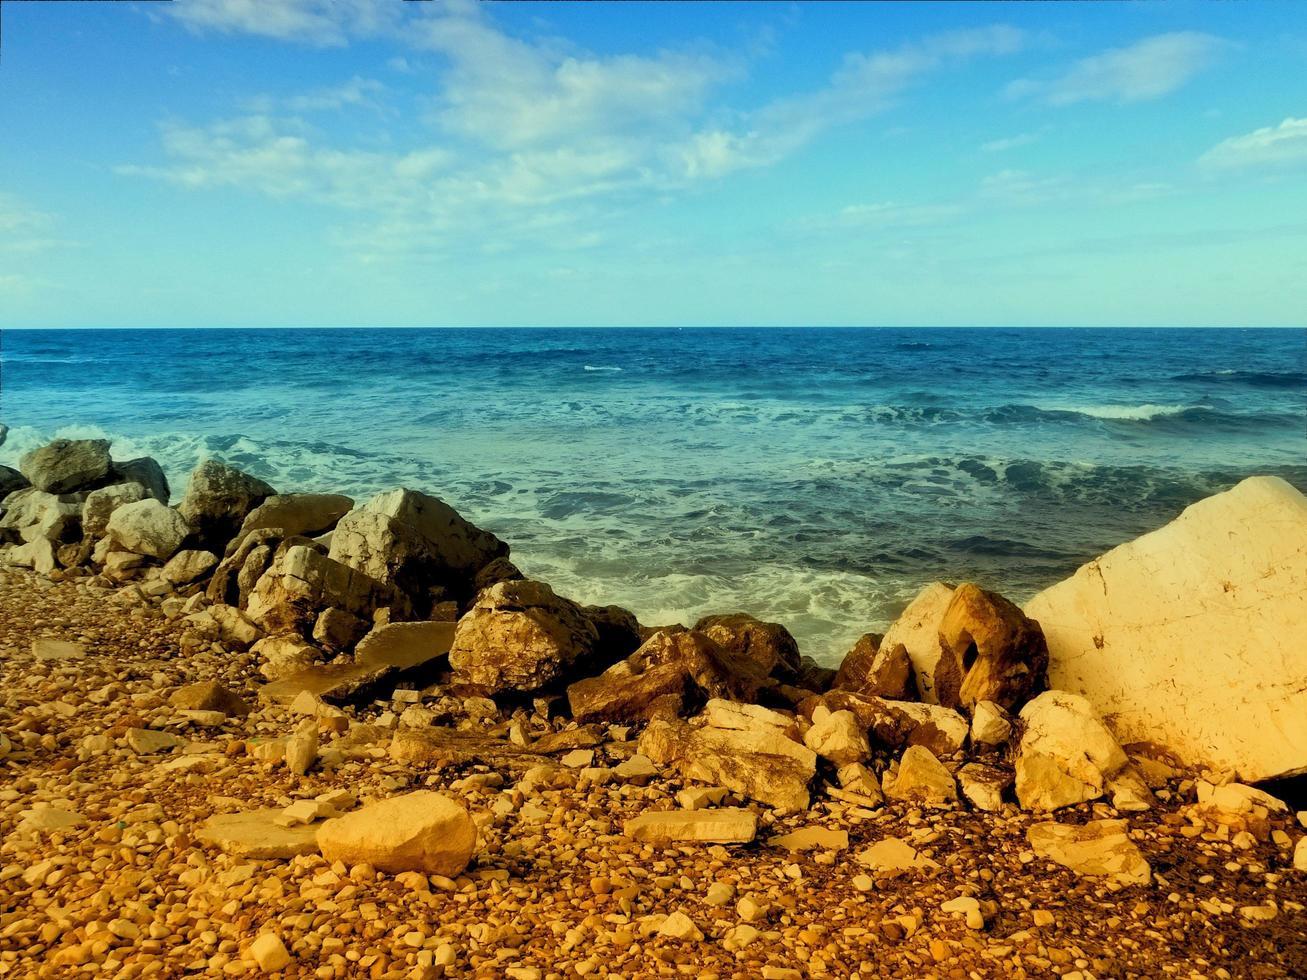 textura de mar al aire libre foto